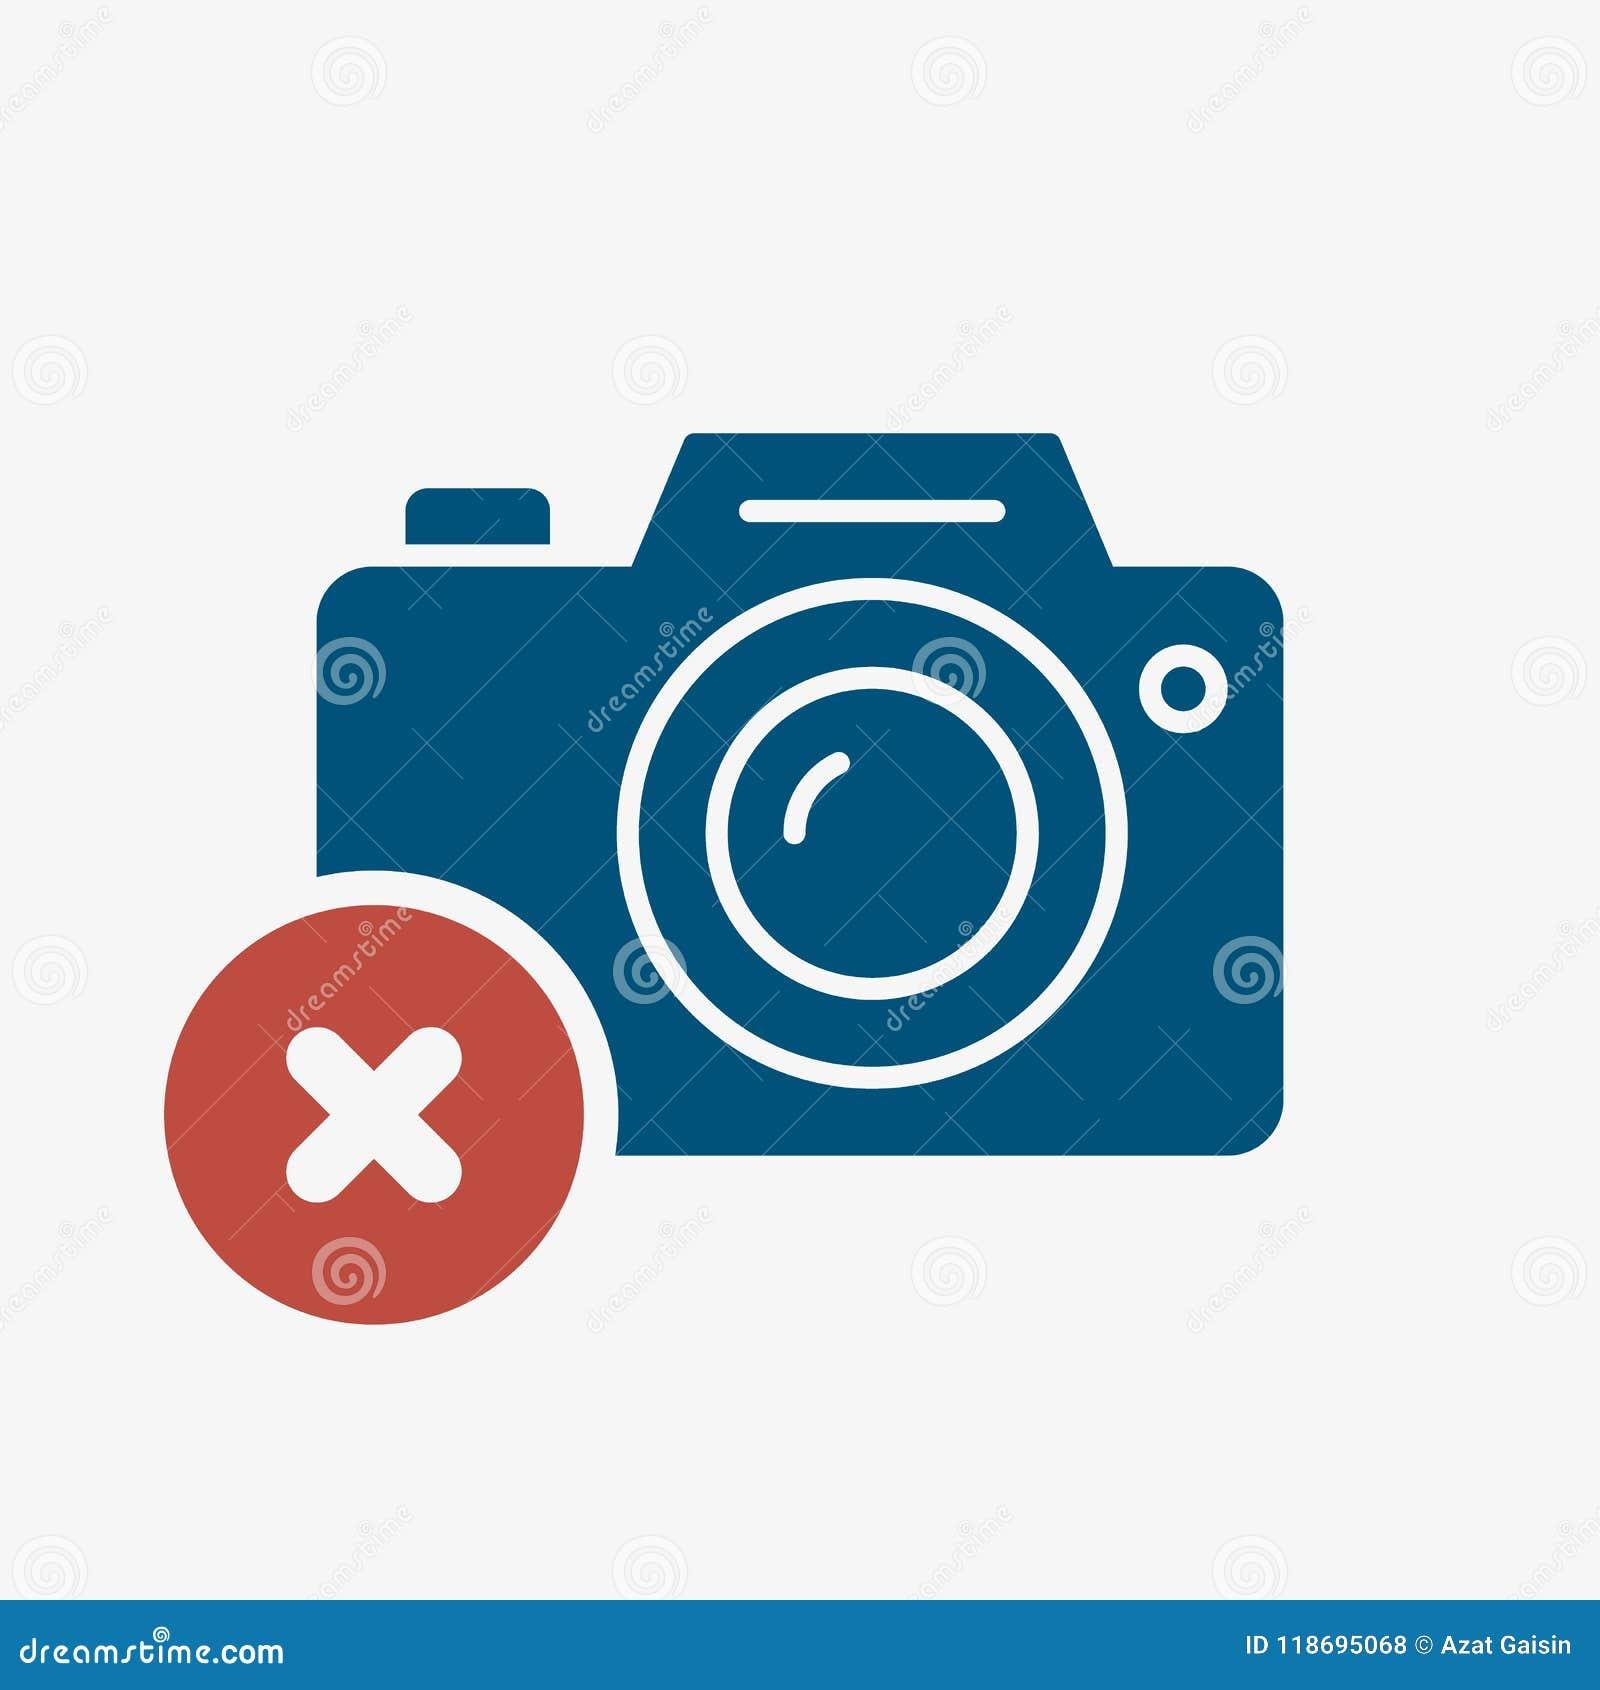 Photo camera icon, technology icon with cancel sign. Photo camera icon and close, delete, remove symbol